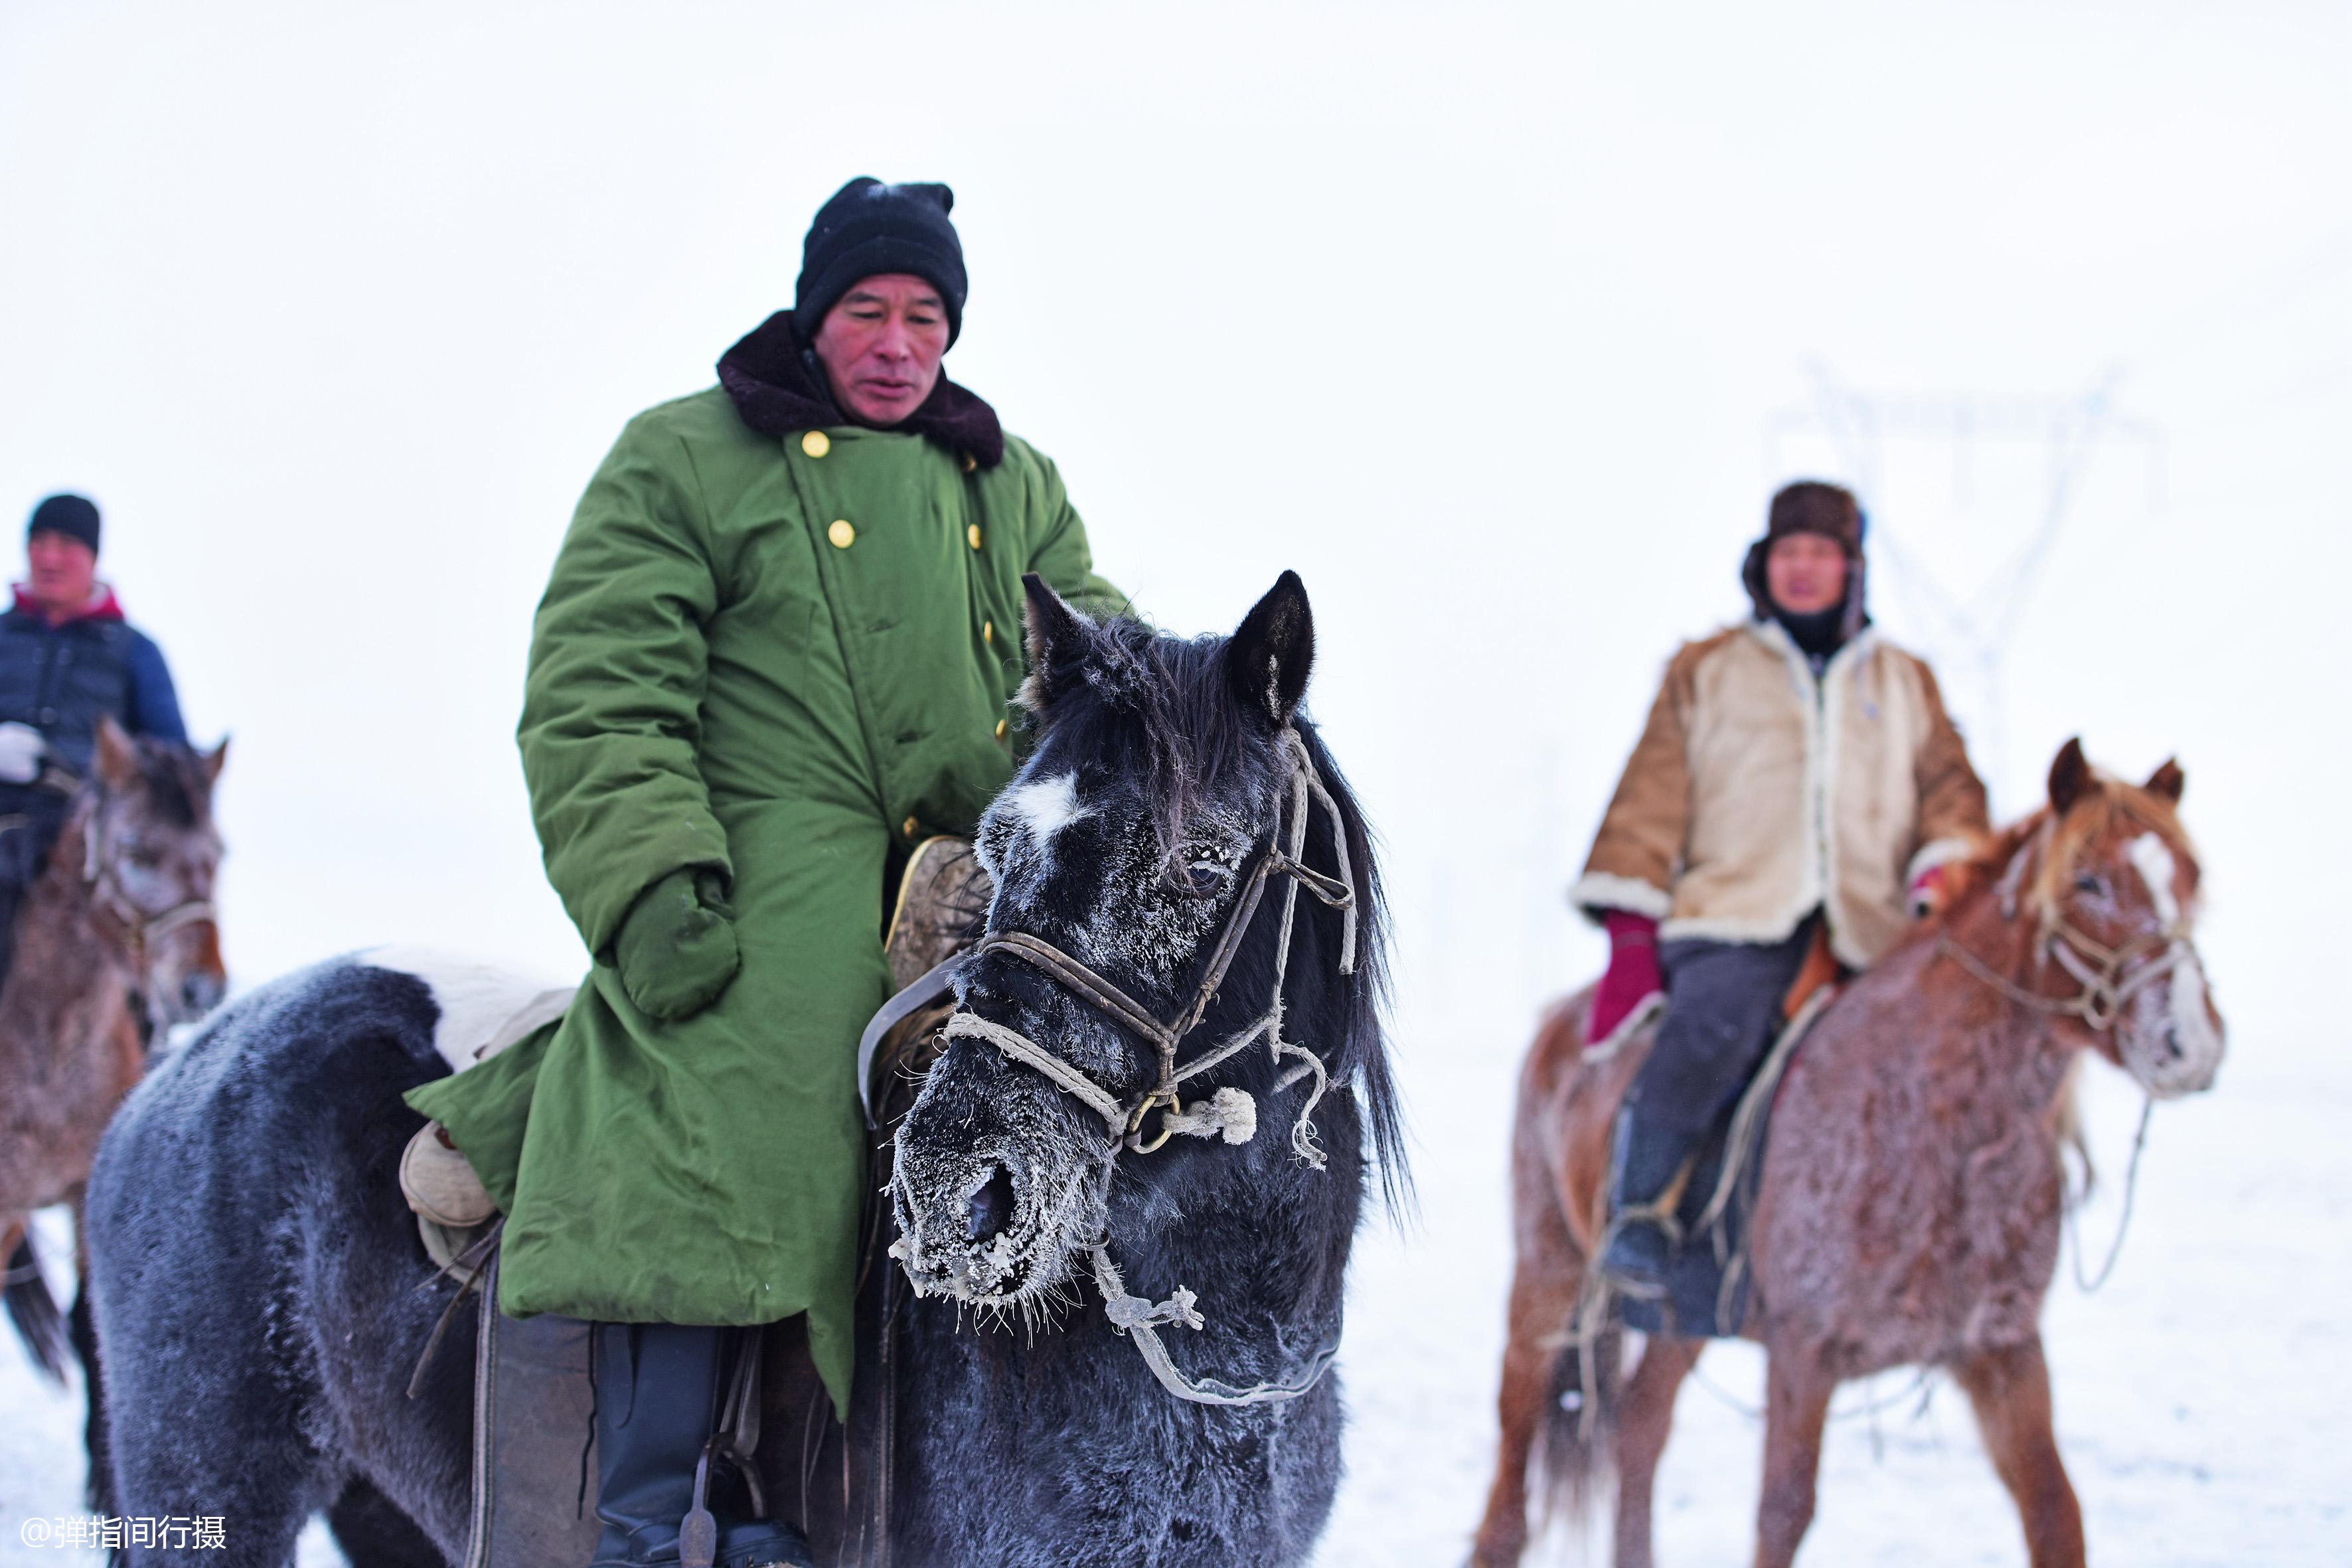 """中国最低调的""""富翁"""",他们住在草原上,没有豪宅却有骏马无数"""